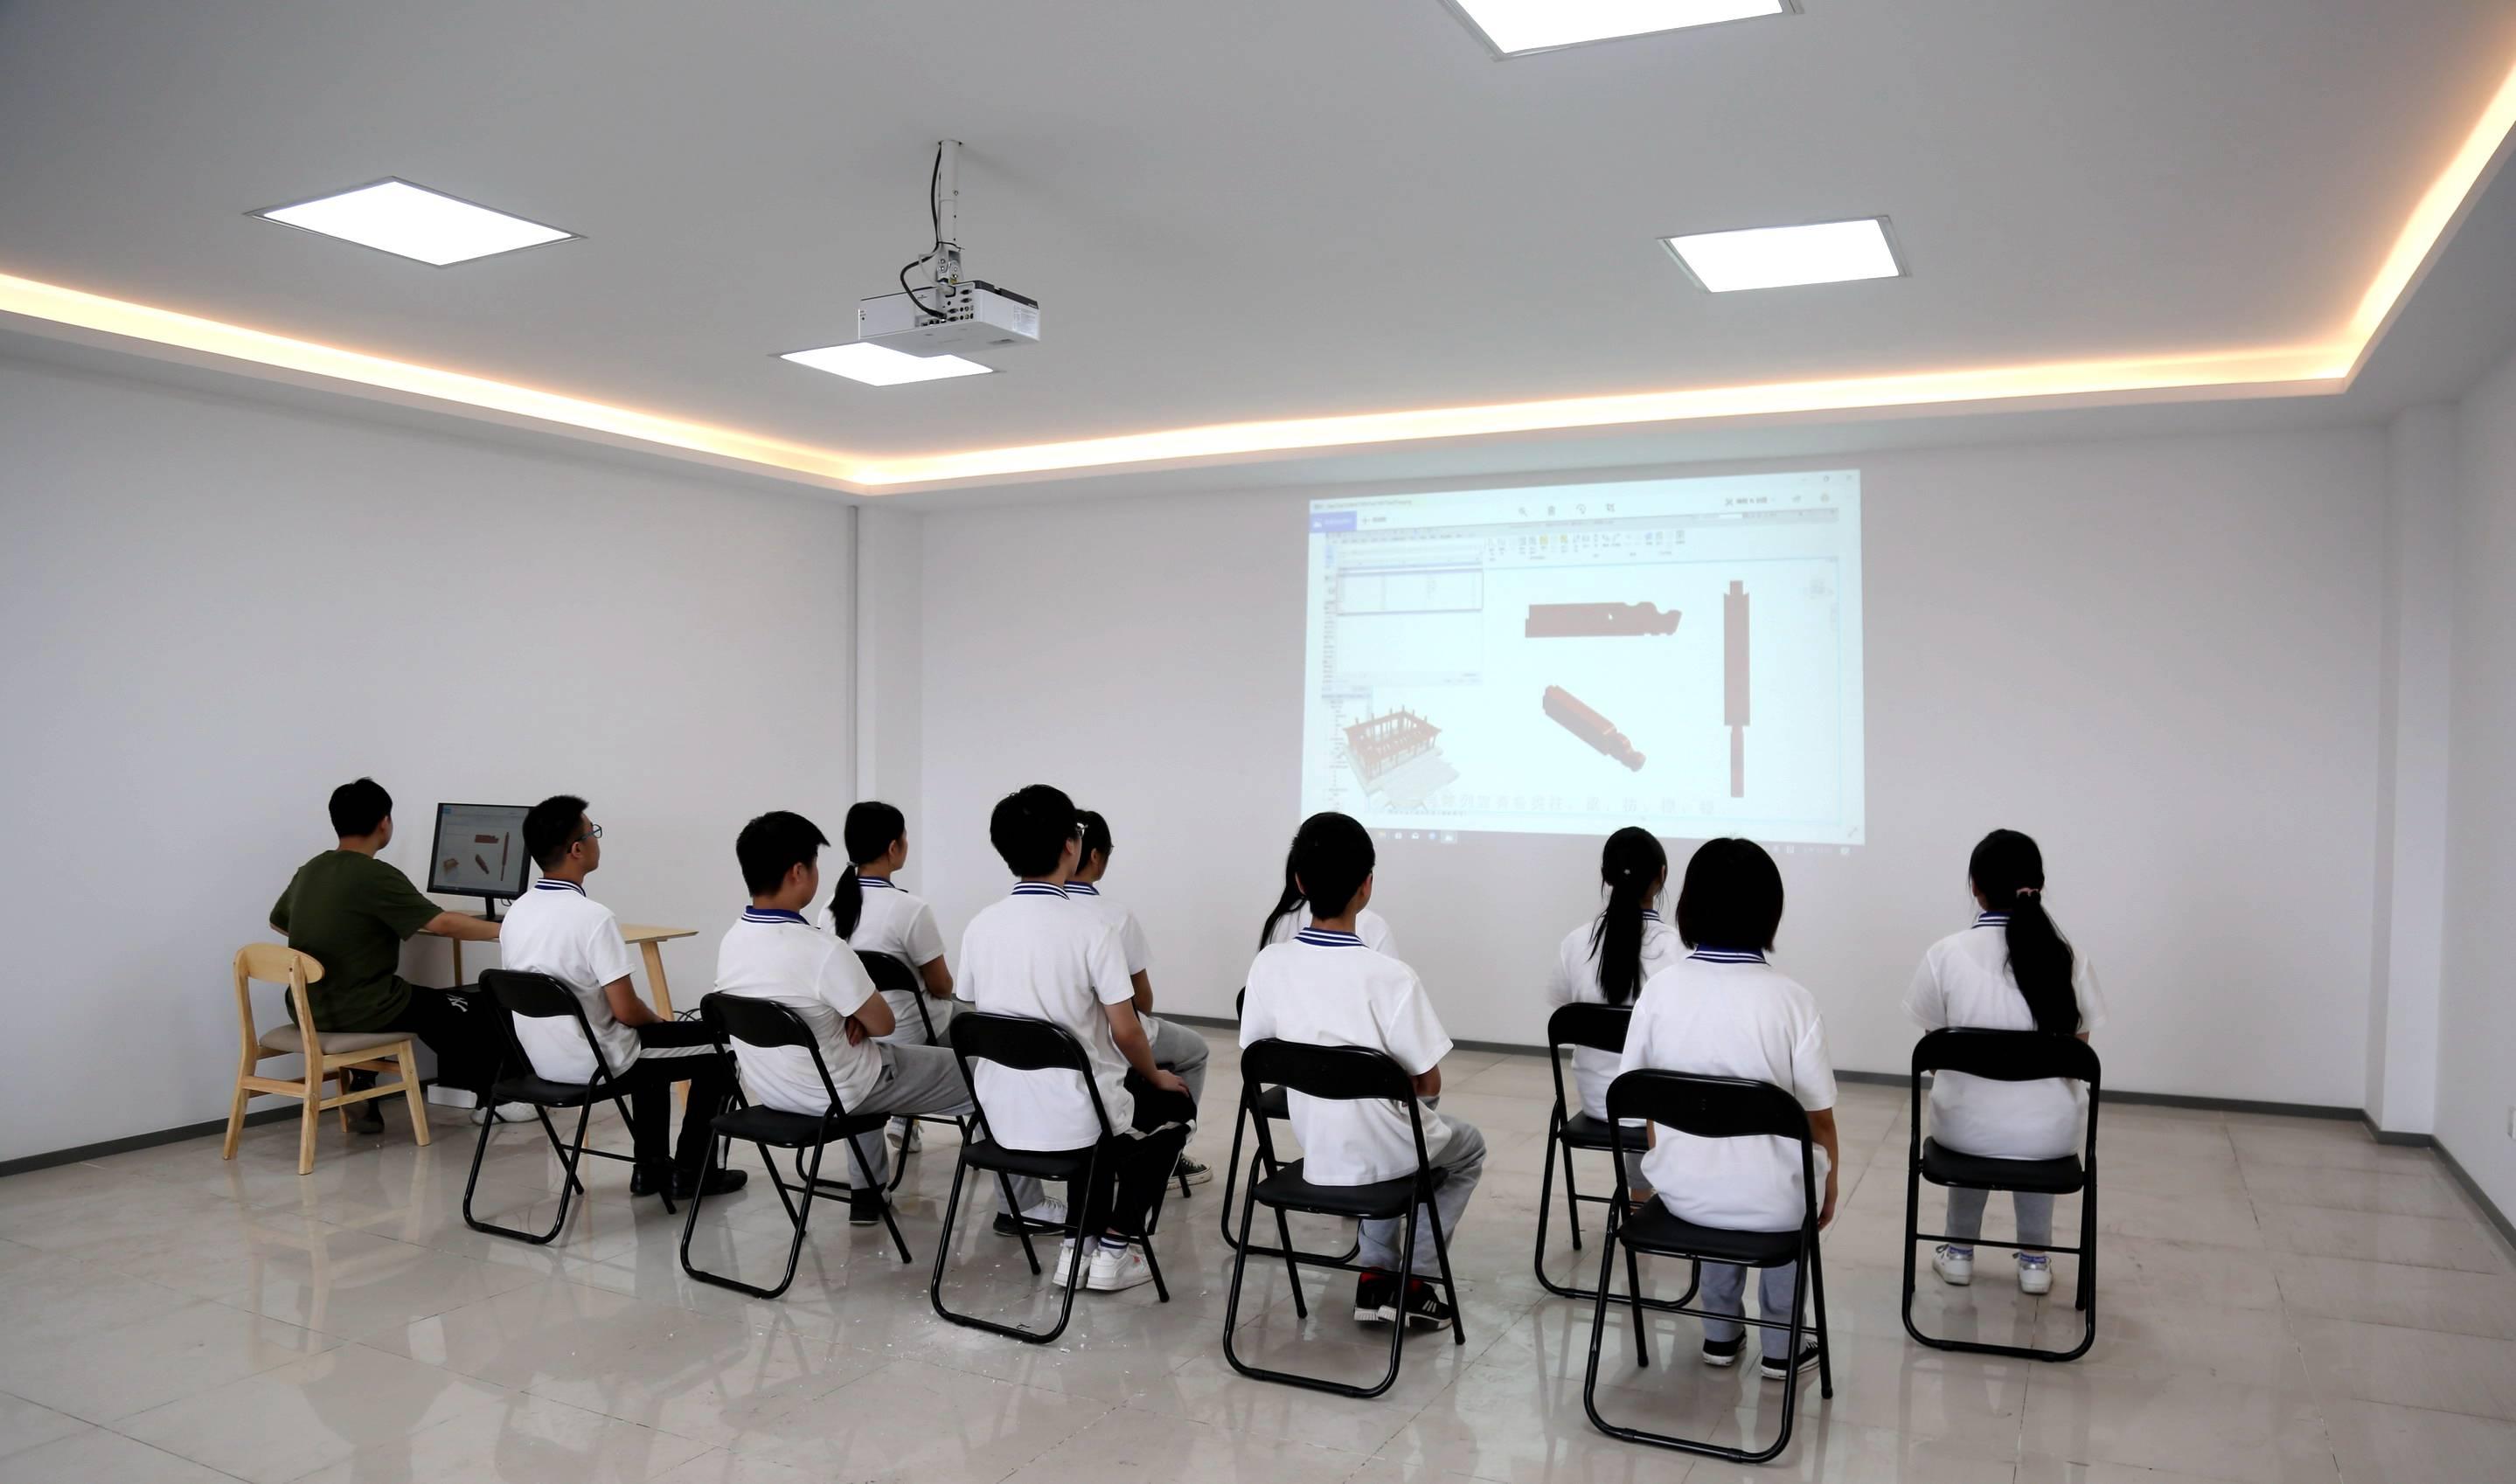 学生在BIM体验室_副本.jpg